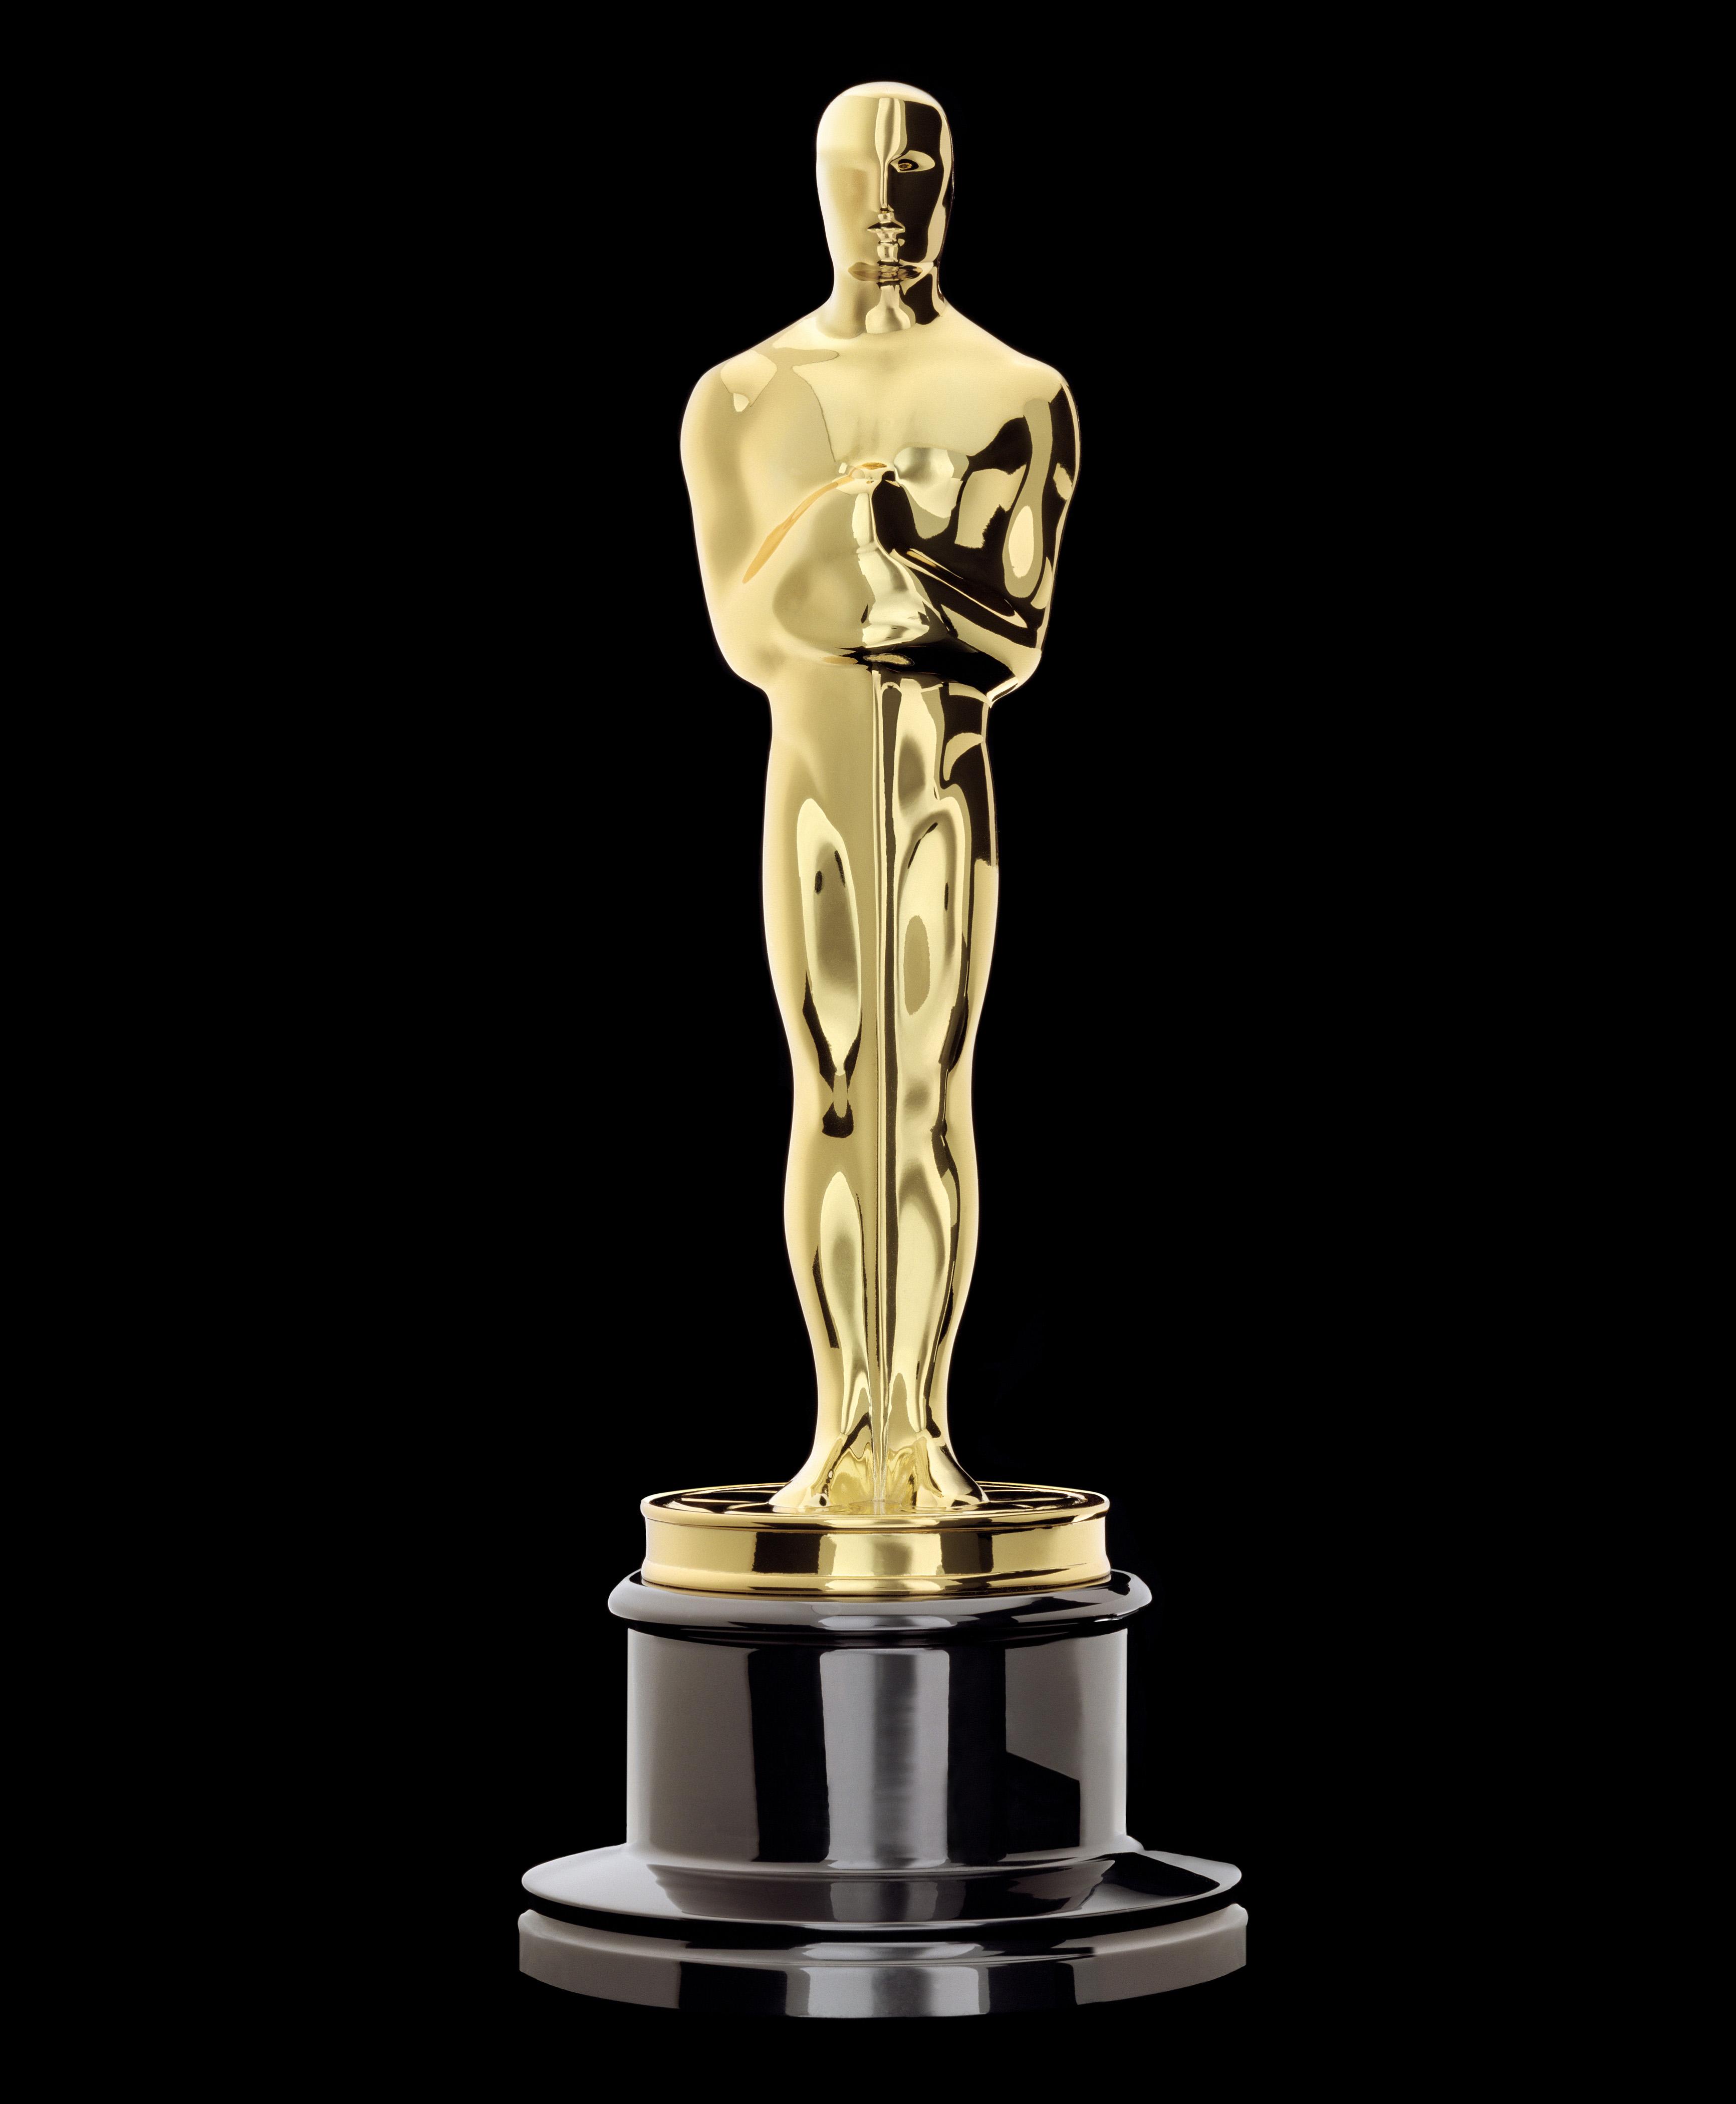 Фильмы Премированные На Оскар